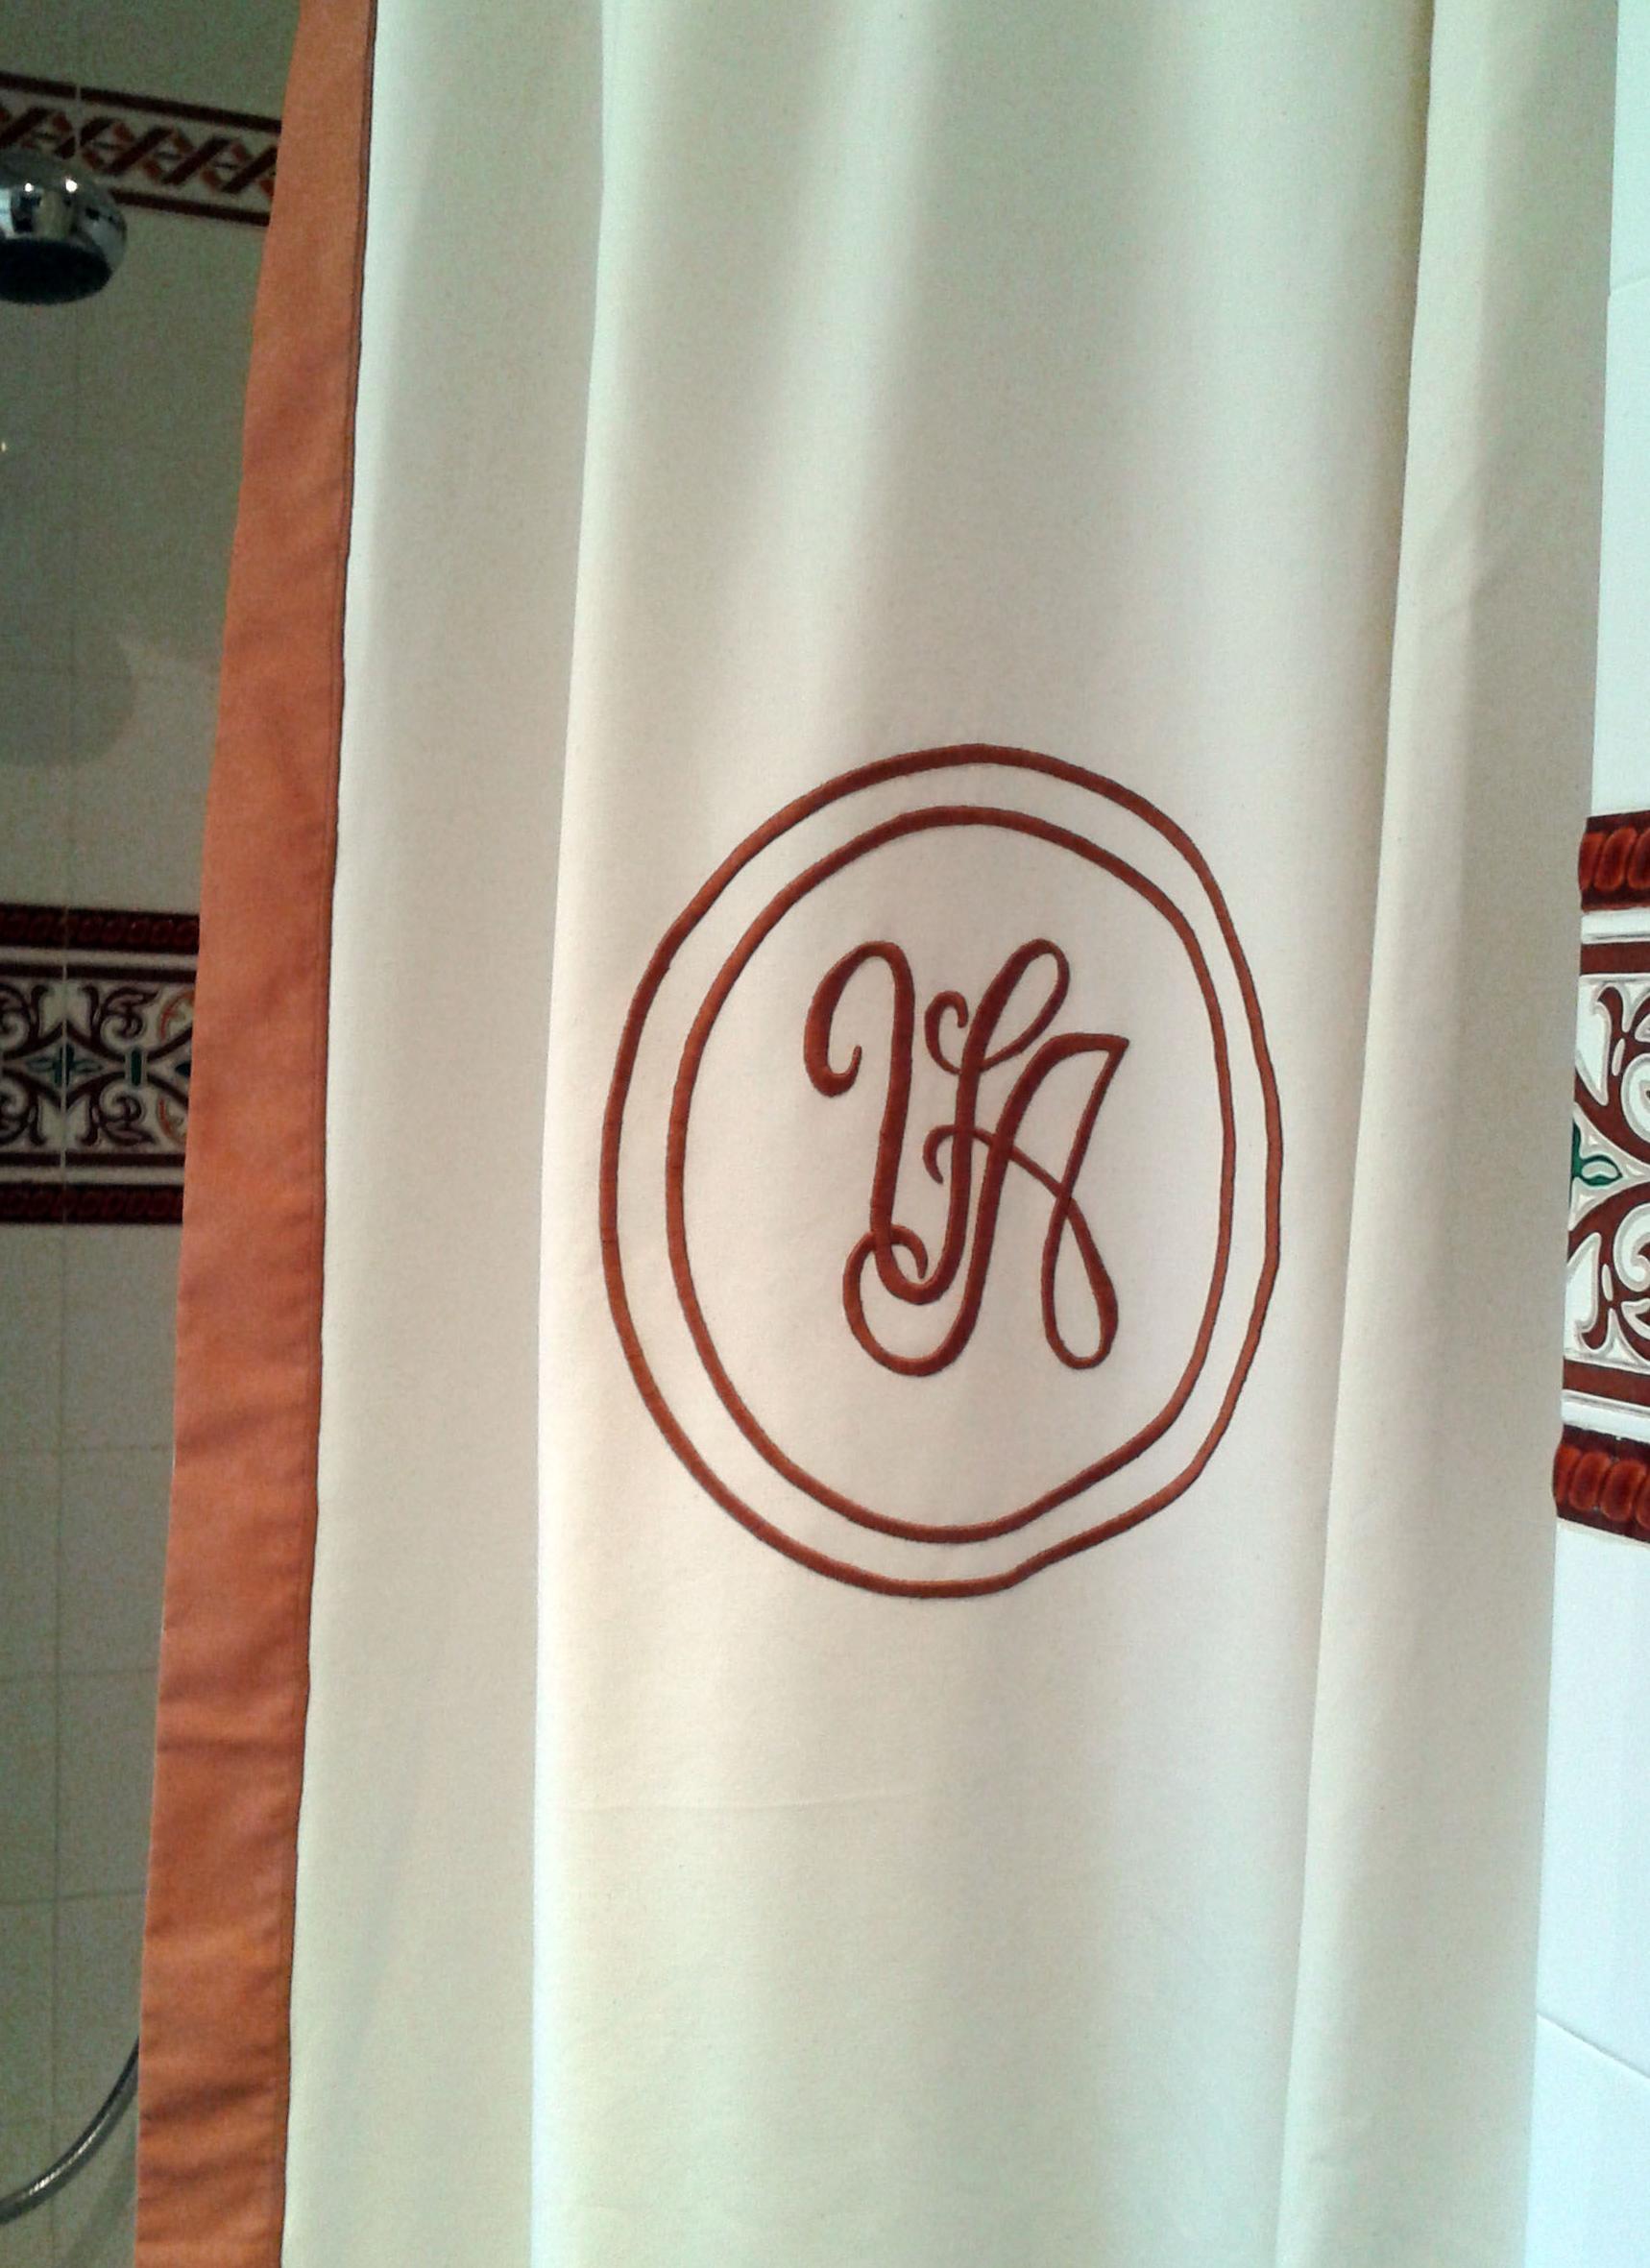 Cortina de baño bordada con las iniciales VA